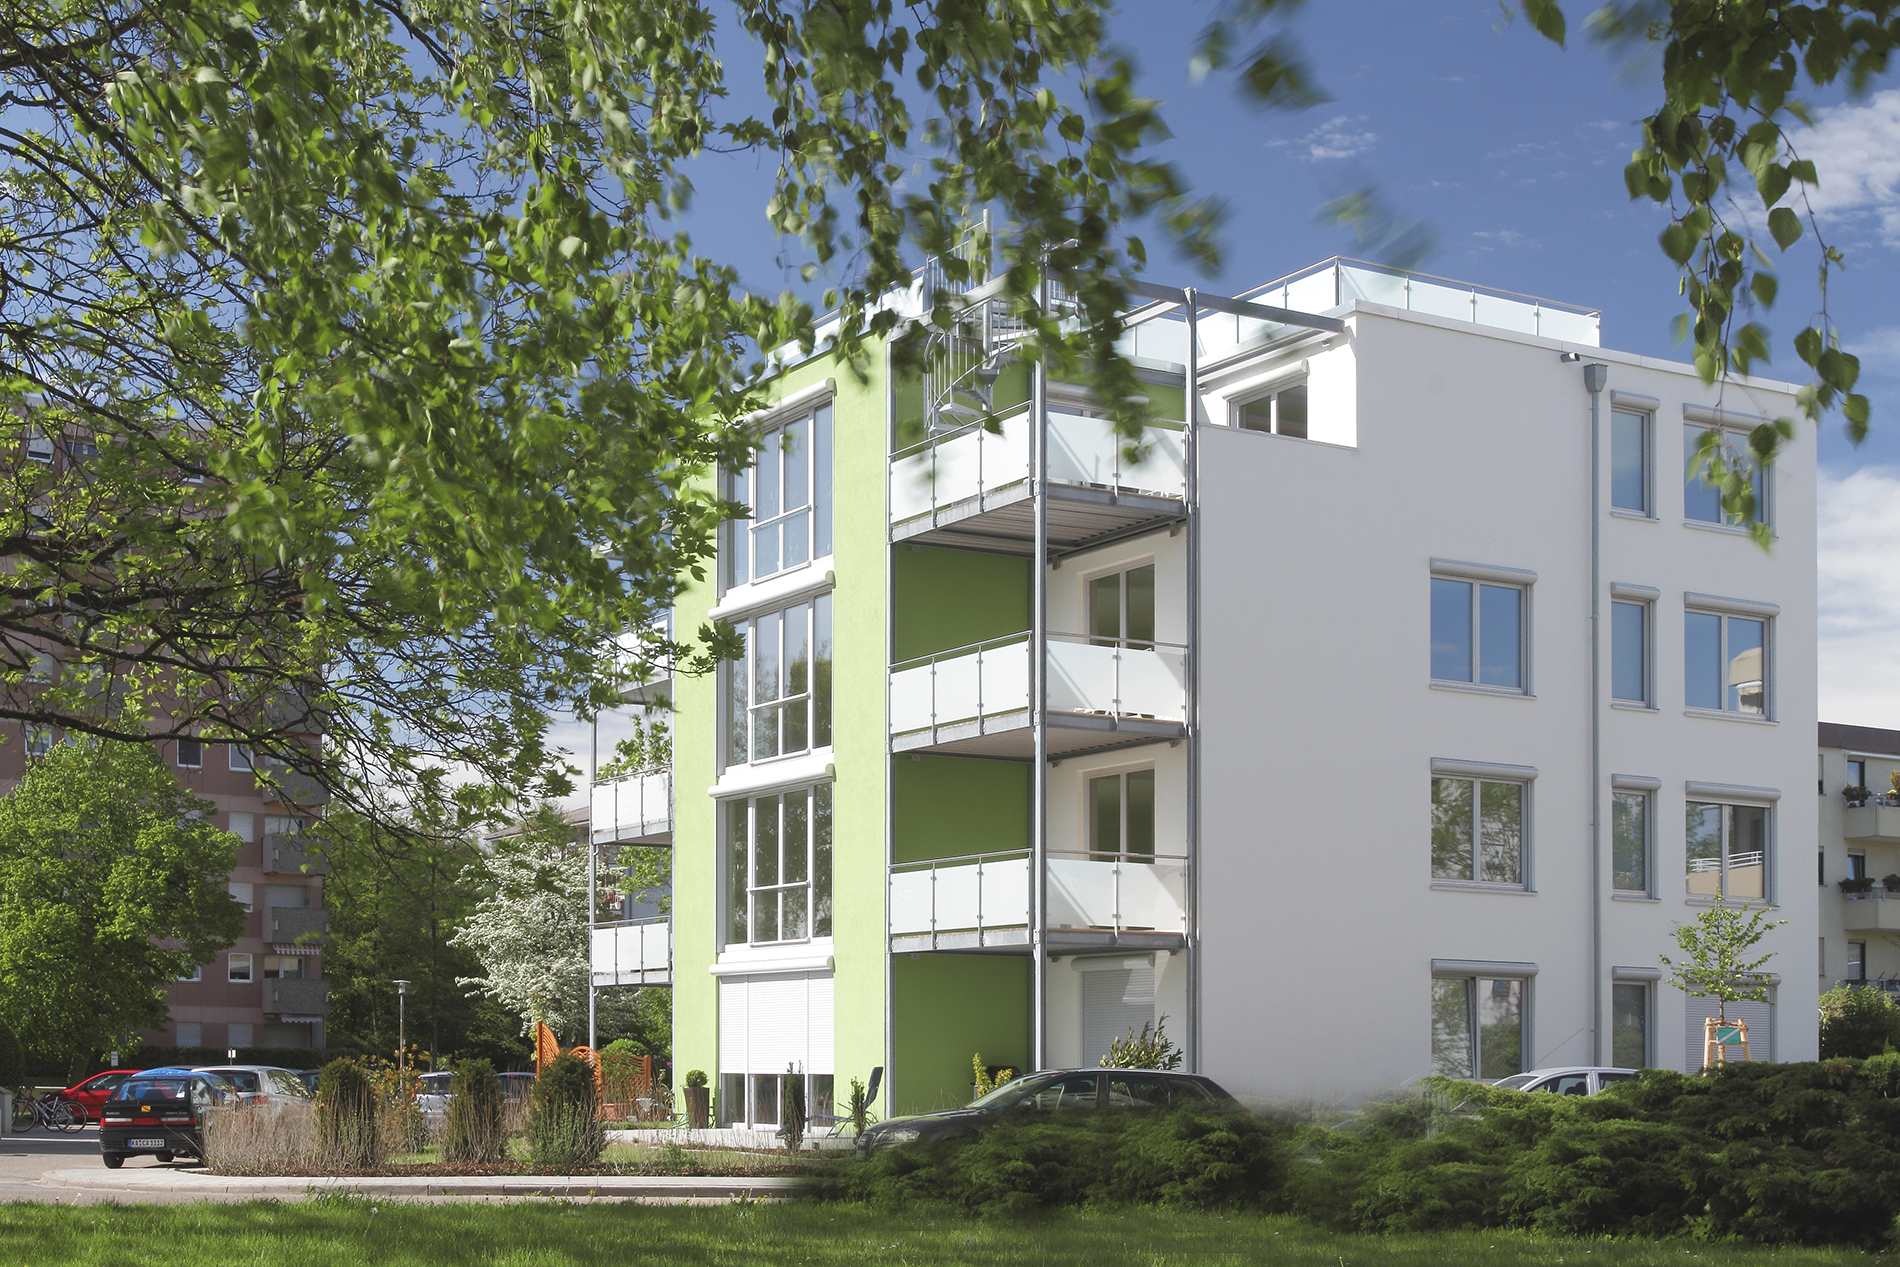 Mehrfamilienhaus Seitenansicht